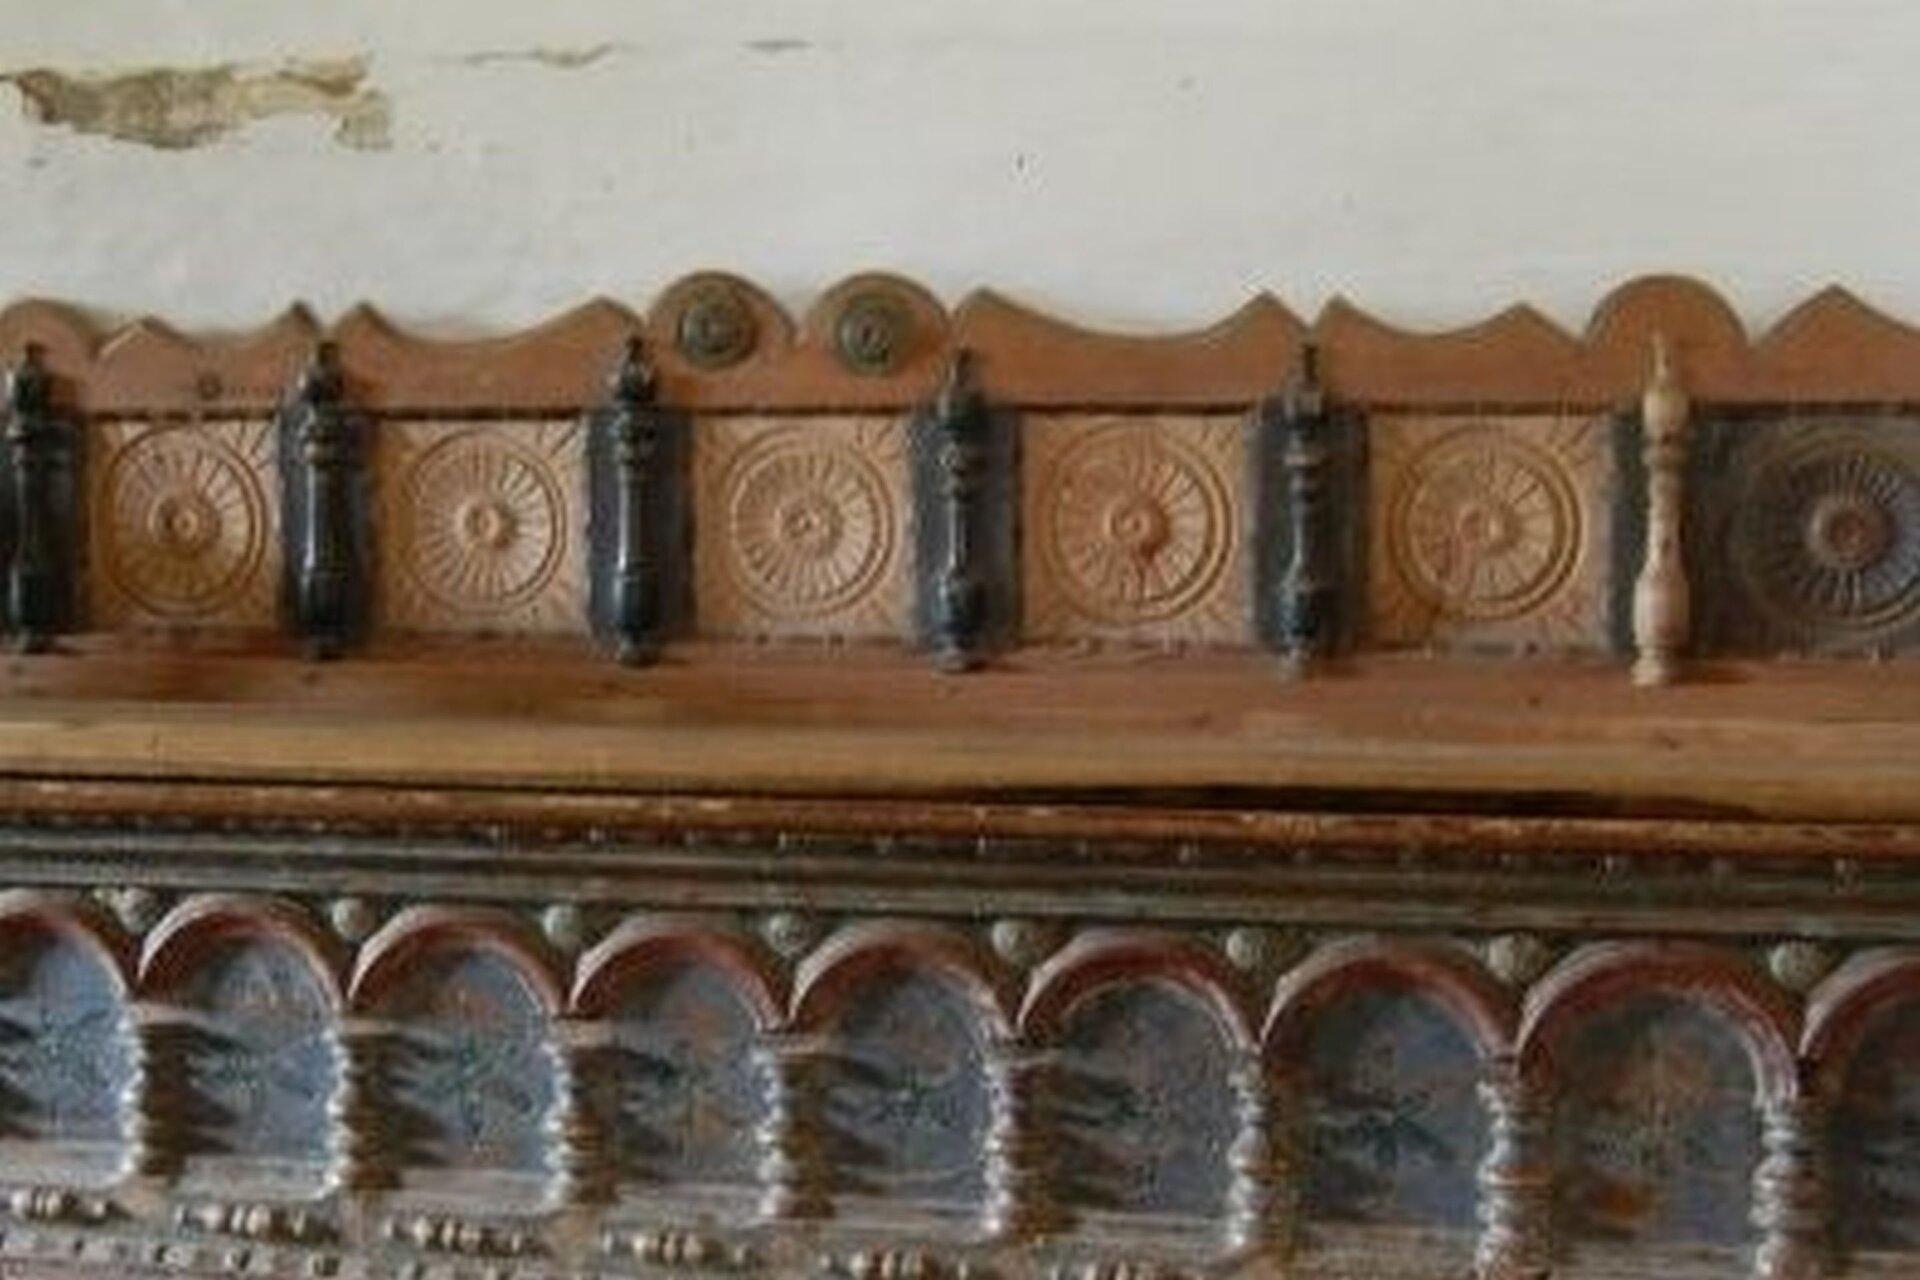 Ilustracja przedstawia ozdobną ławę zalkierza. Dolne zdobienie to motyw arkadkowy zkolumnami. Góra natomiast to kilka kwadratowych pól, wewnątrz których wyrzeźbione są rozety. Kwadraty rozdzielone są kolumienkami.